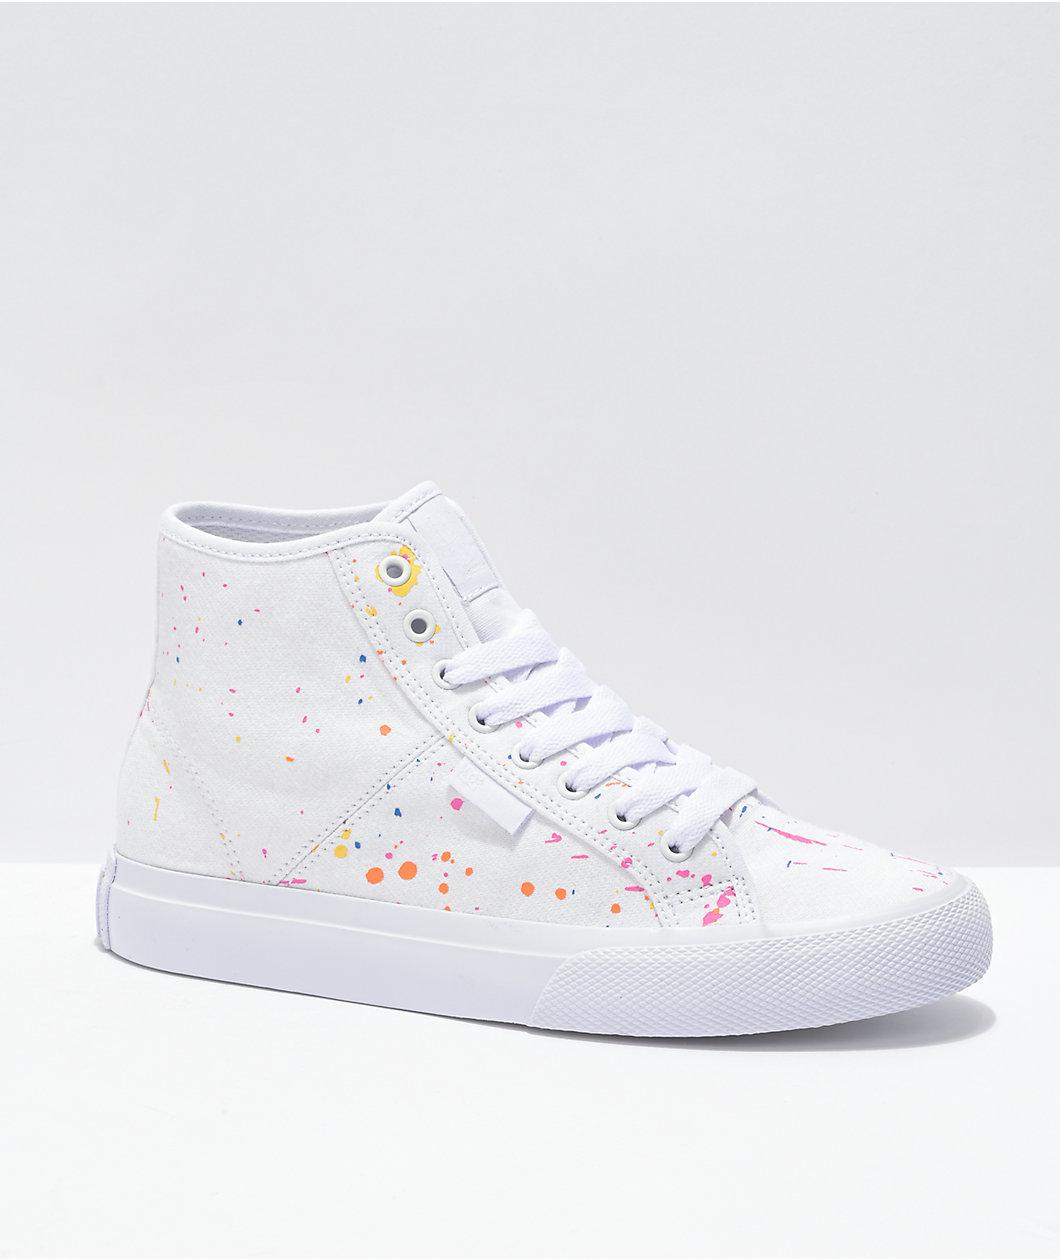 DC Manual Hi TX SE White & Paint Splatter Skate Shoes